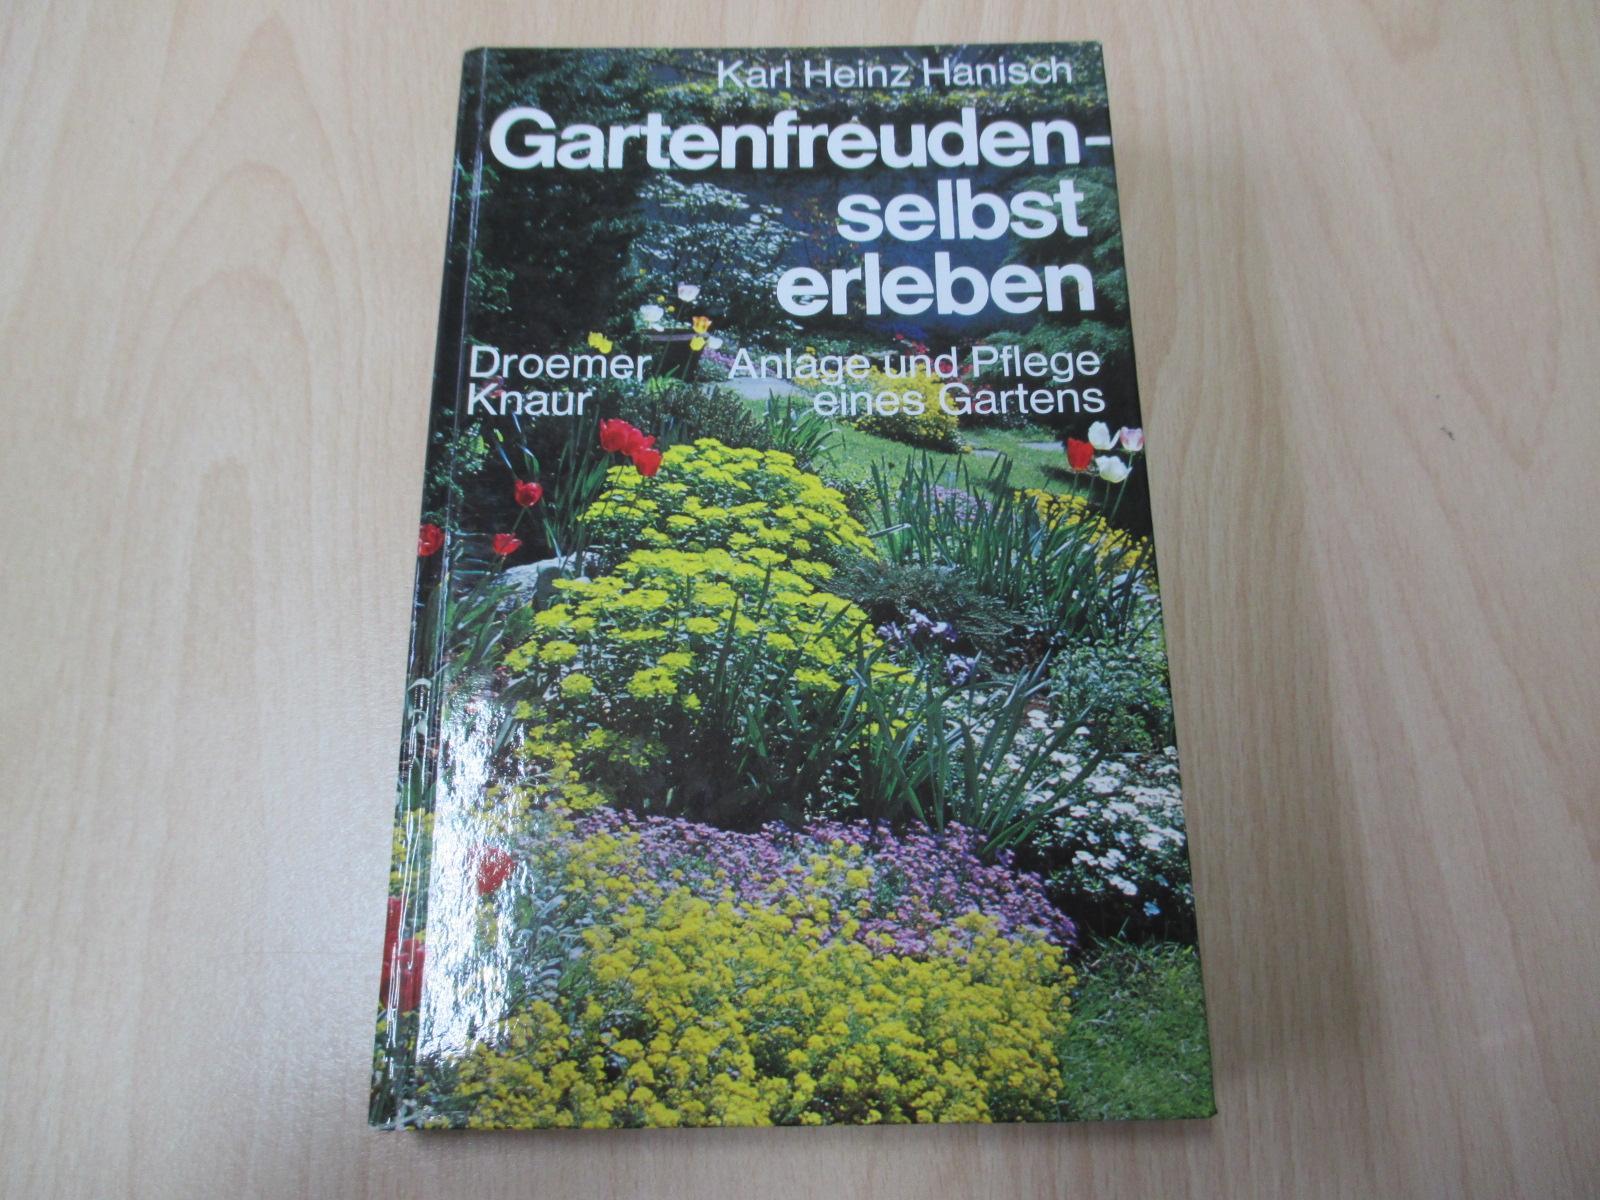 Gartenfreuden selbst erleben Anlage und Pflege eines: Hanisch, Karl Heinz